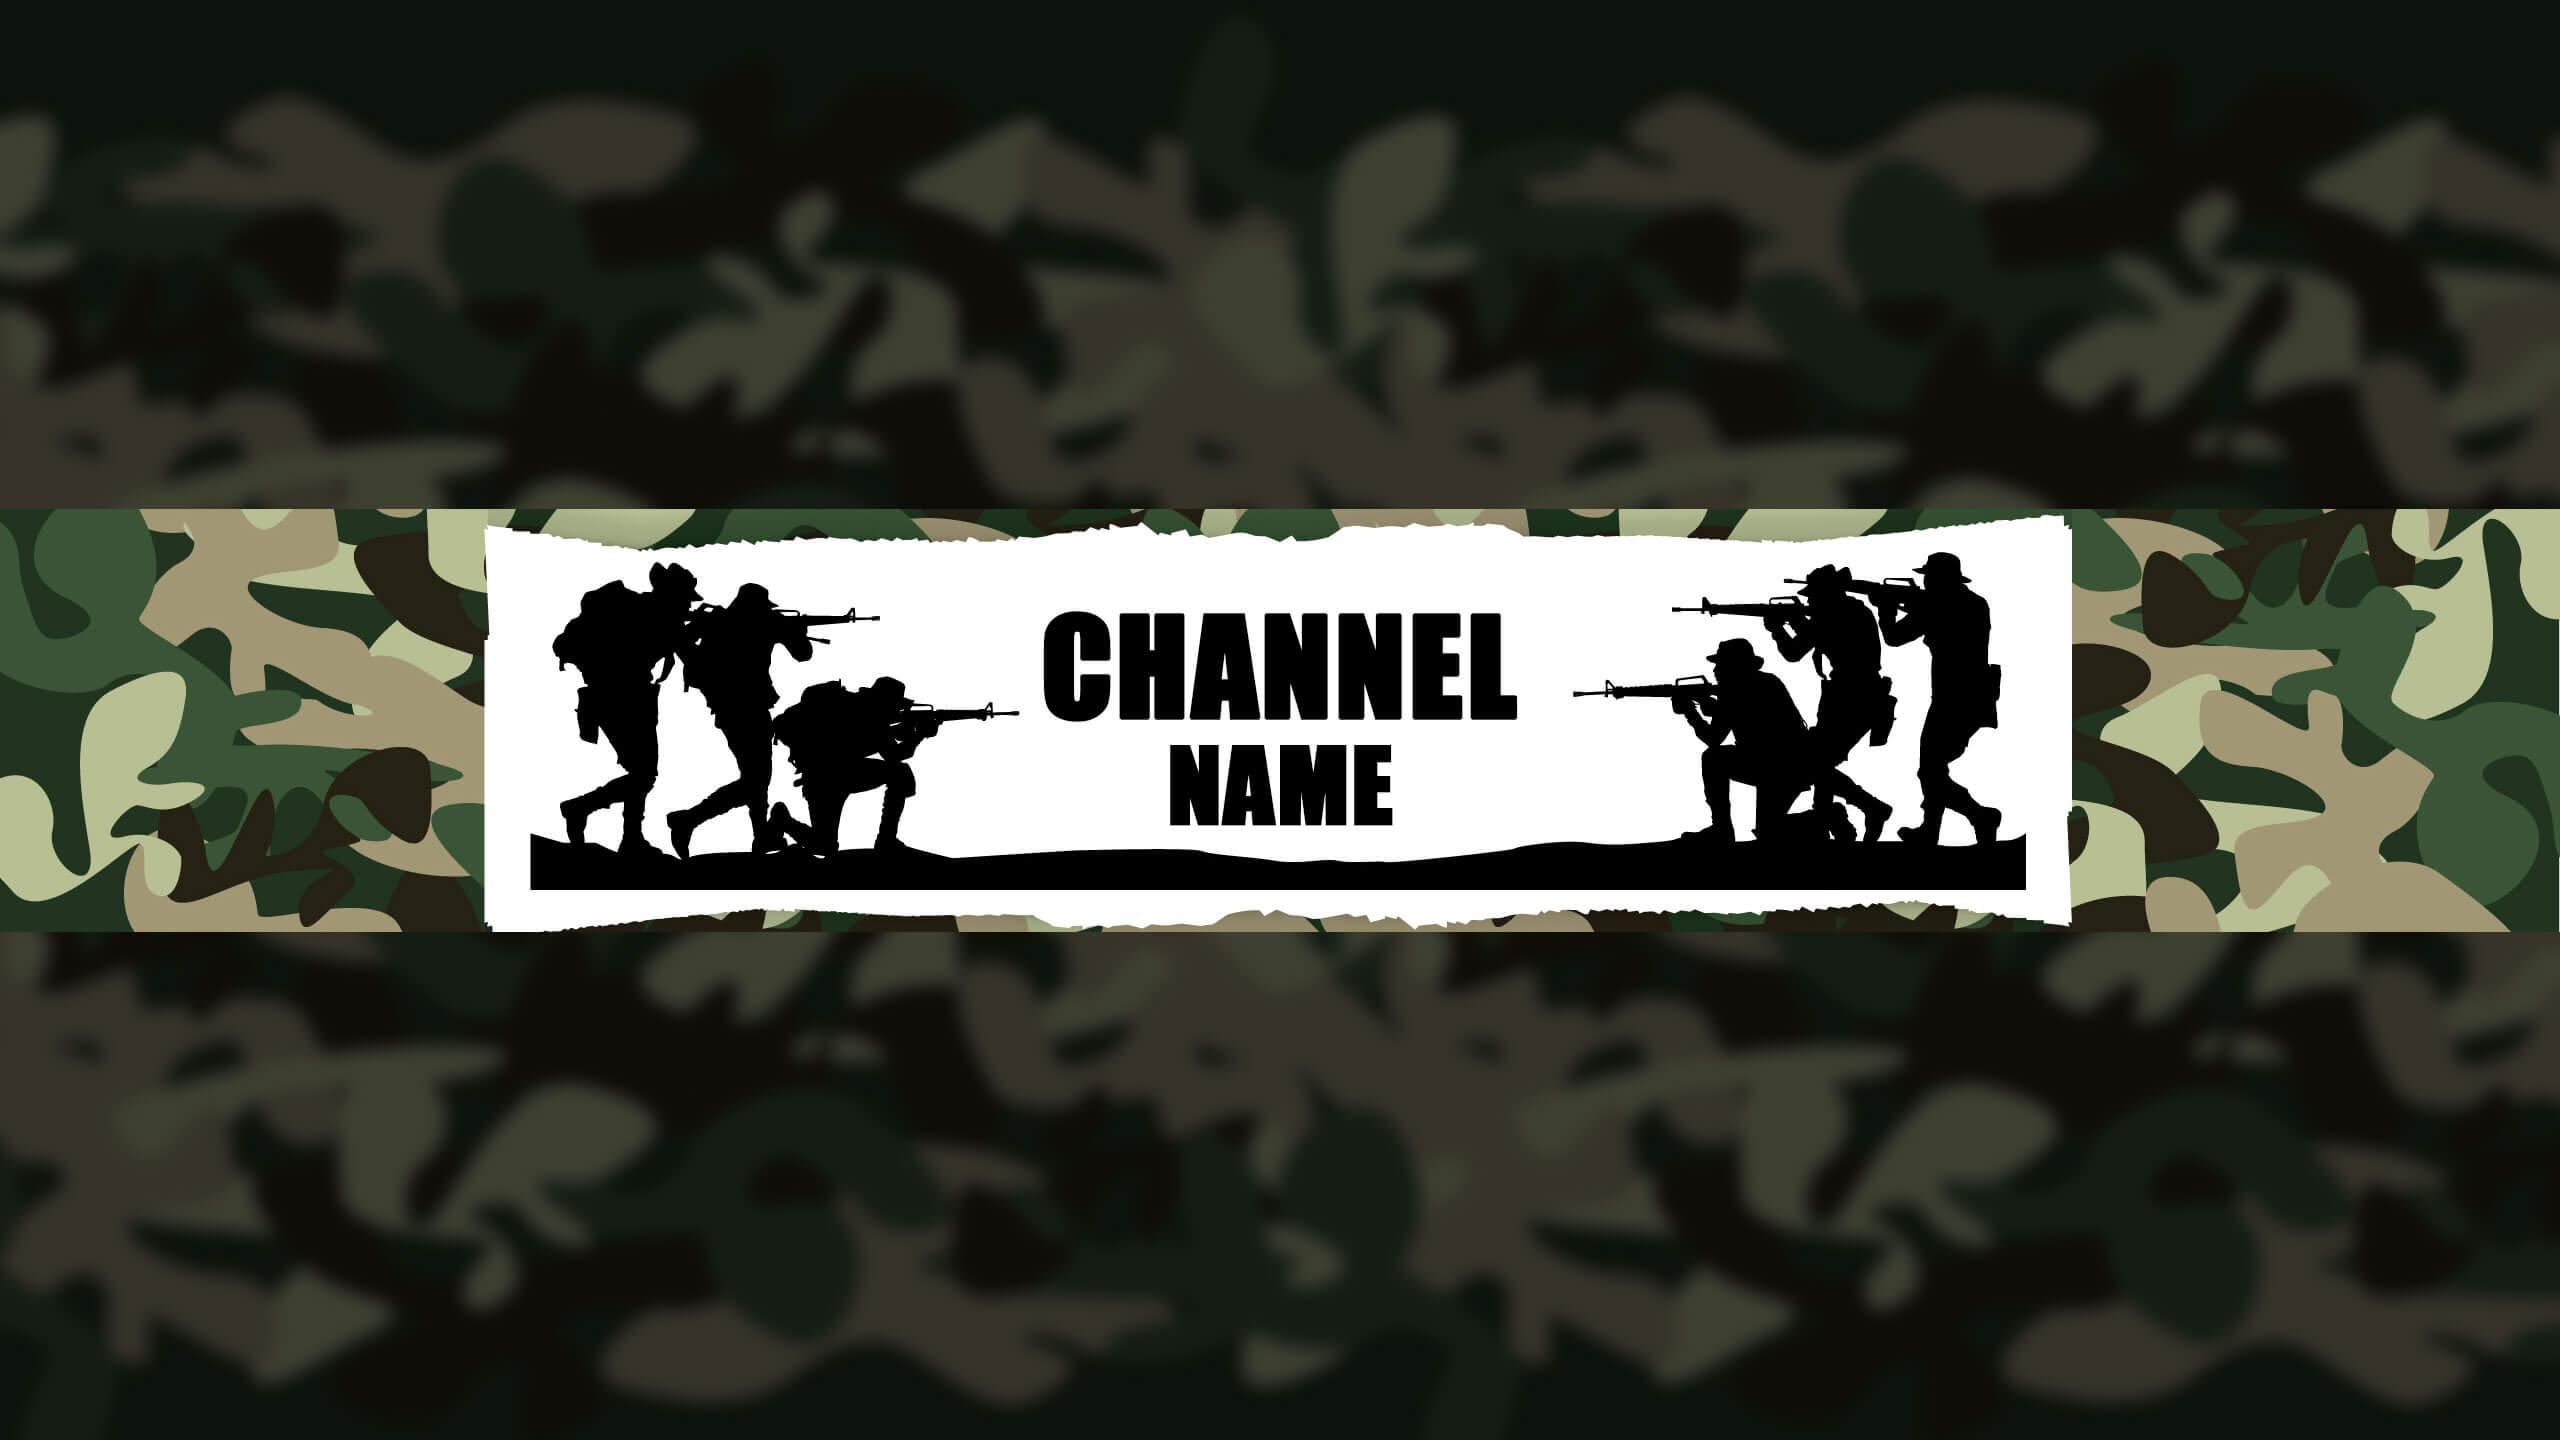 Картинка военный камуфляж для оформления игрового канала ютуба.